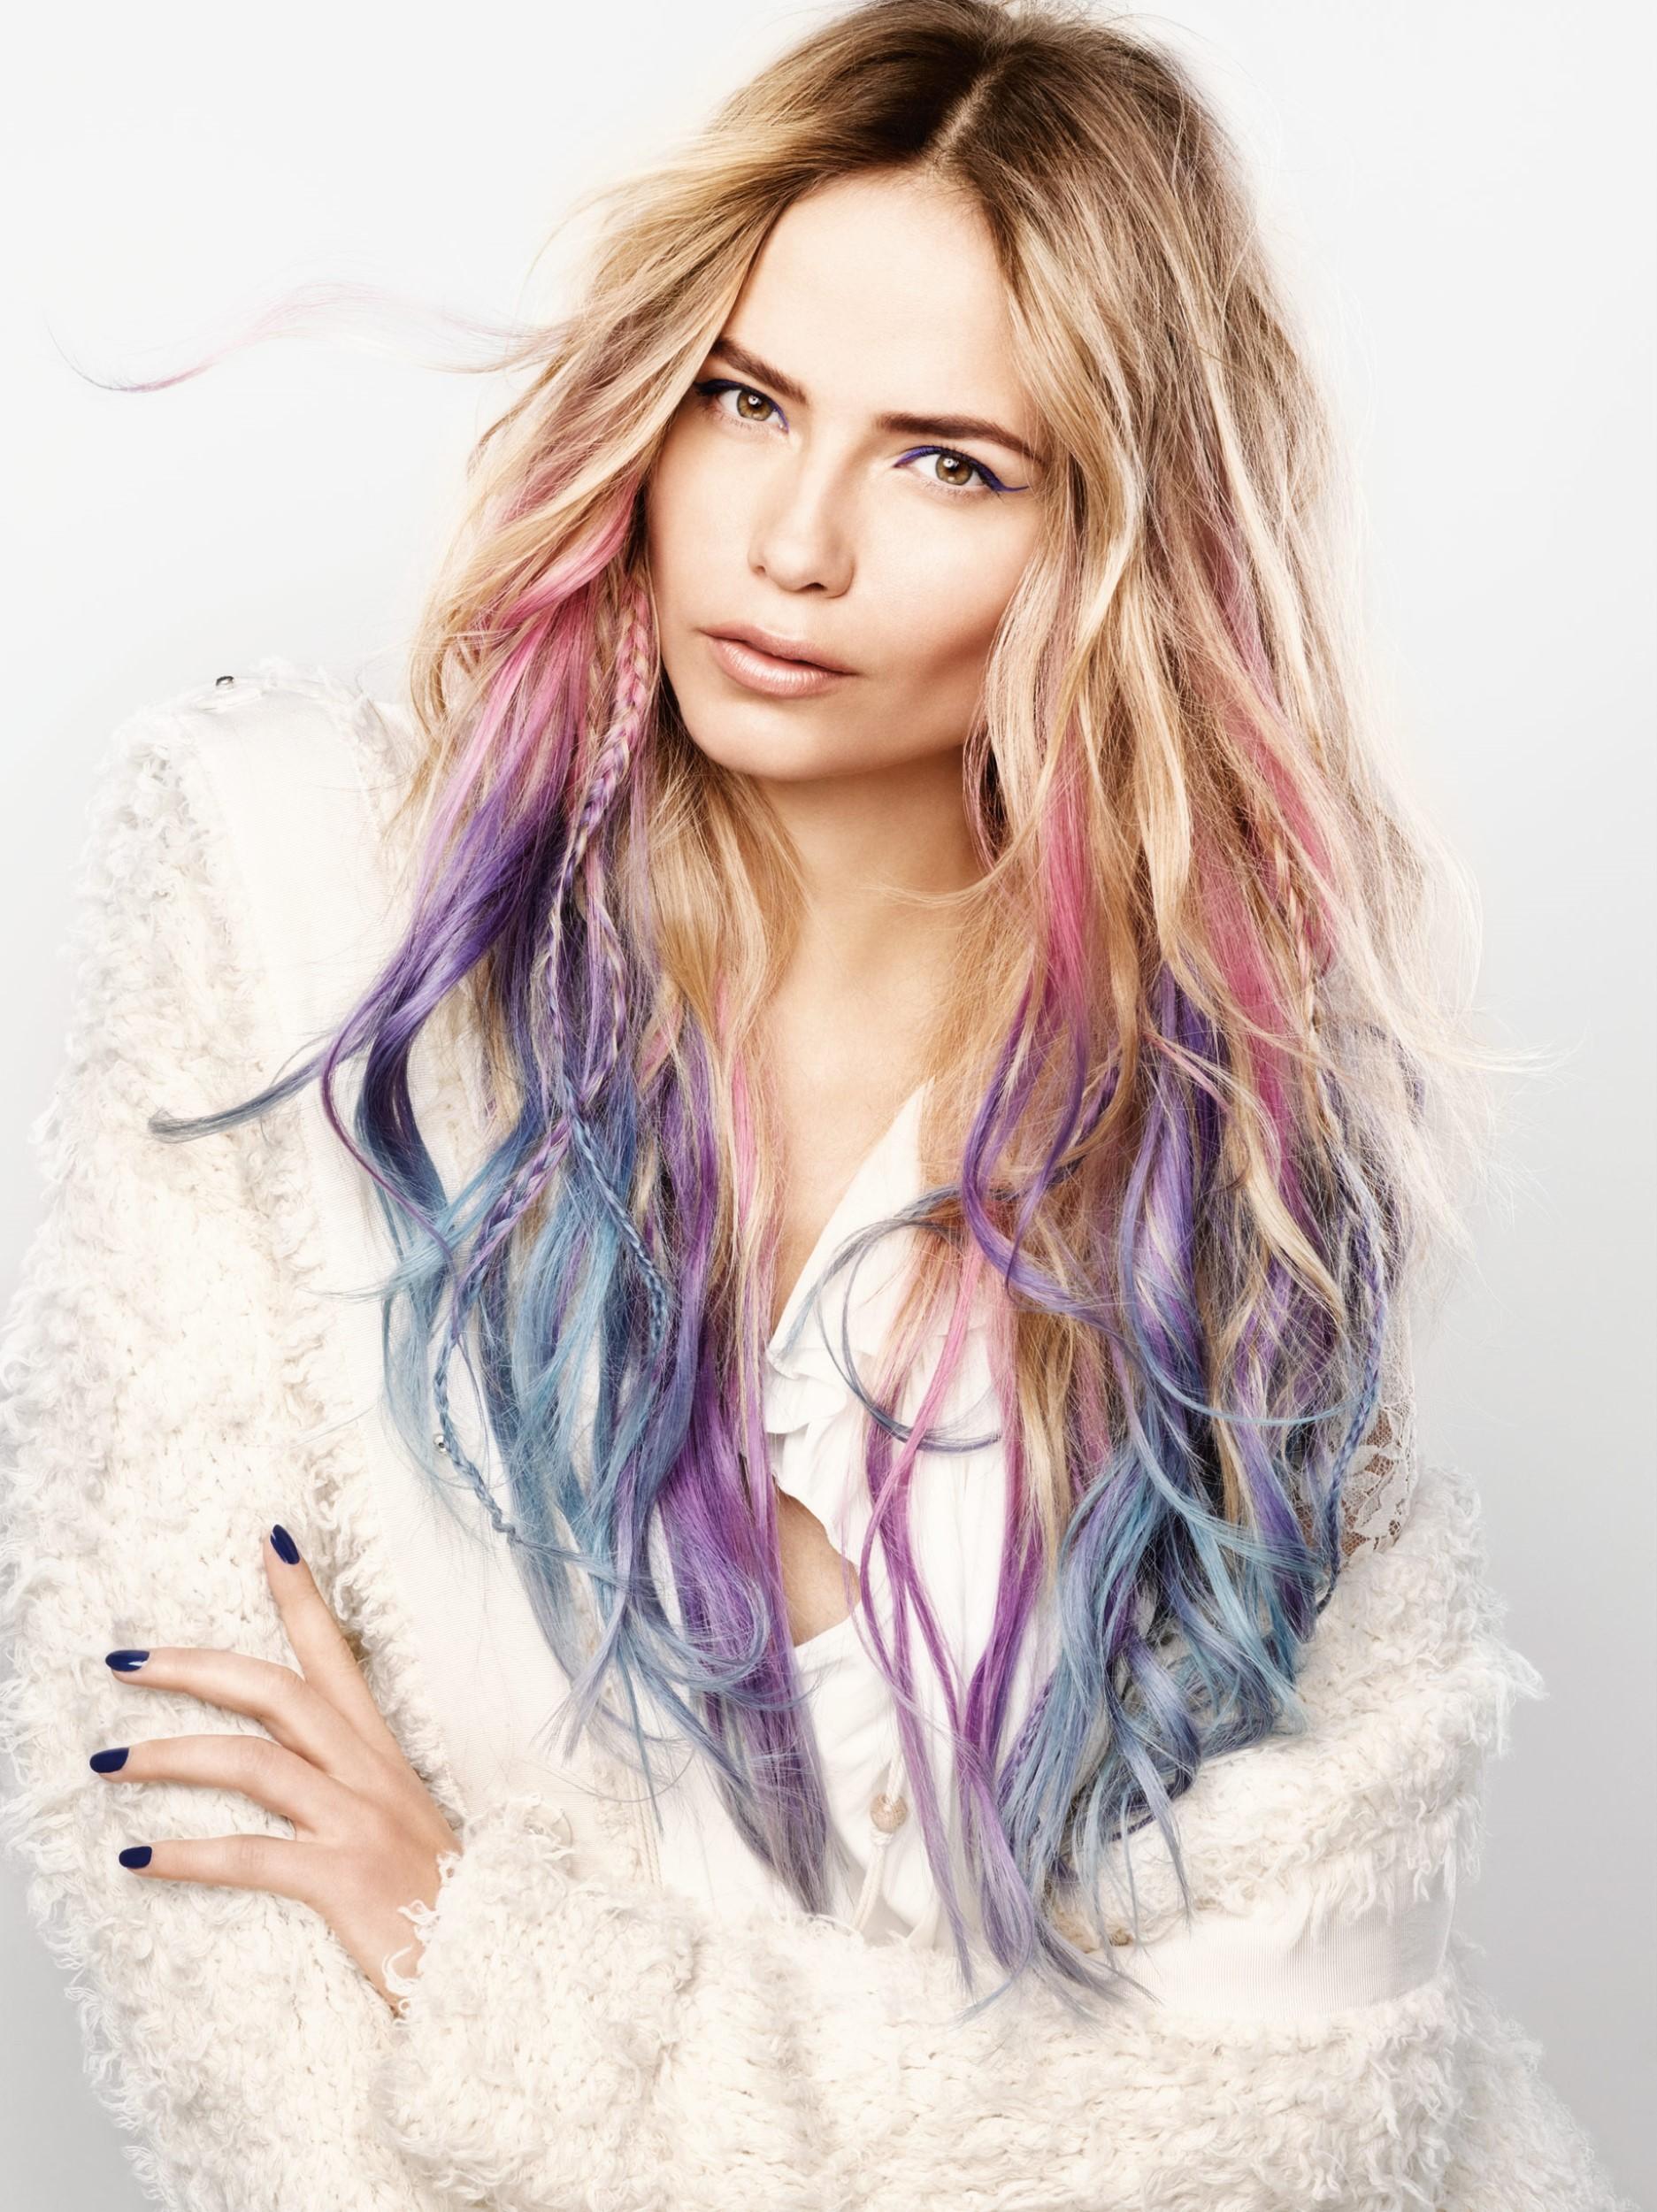 ספריי לשיער בצבעים נועזים קולוריסטה לוריאל פריז מחיר 34.90 שח צילום יחצ חול (6)